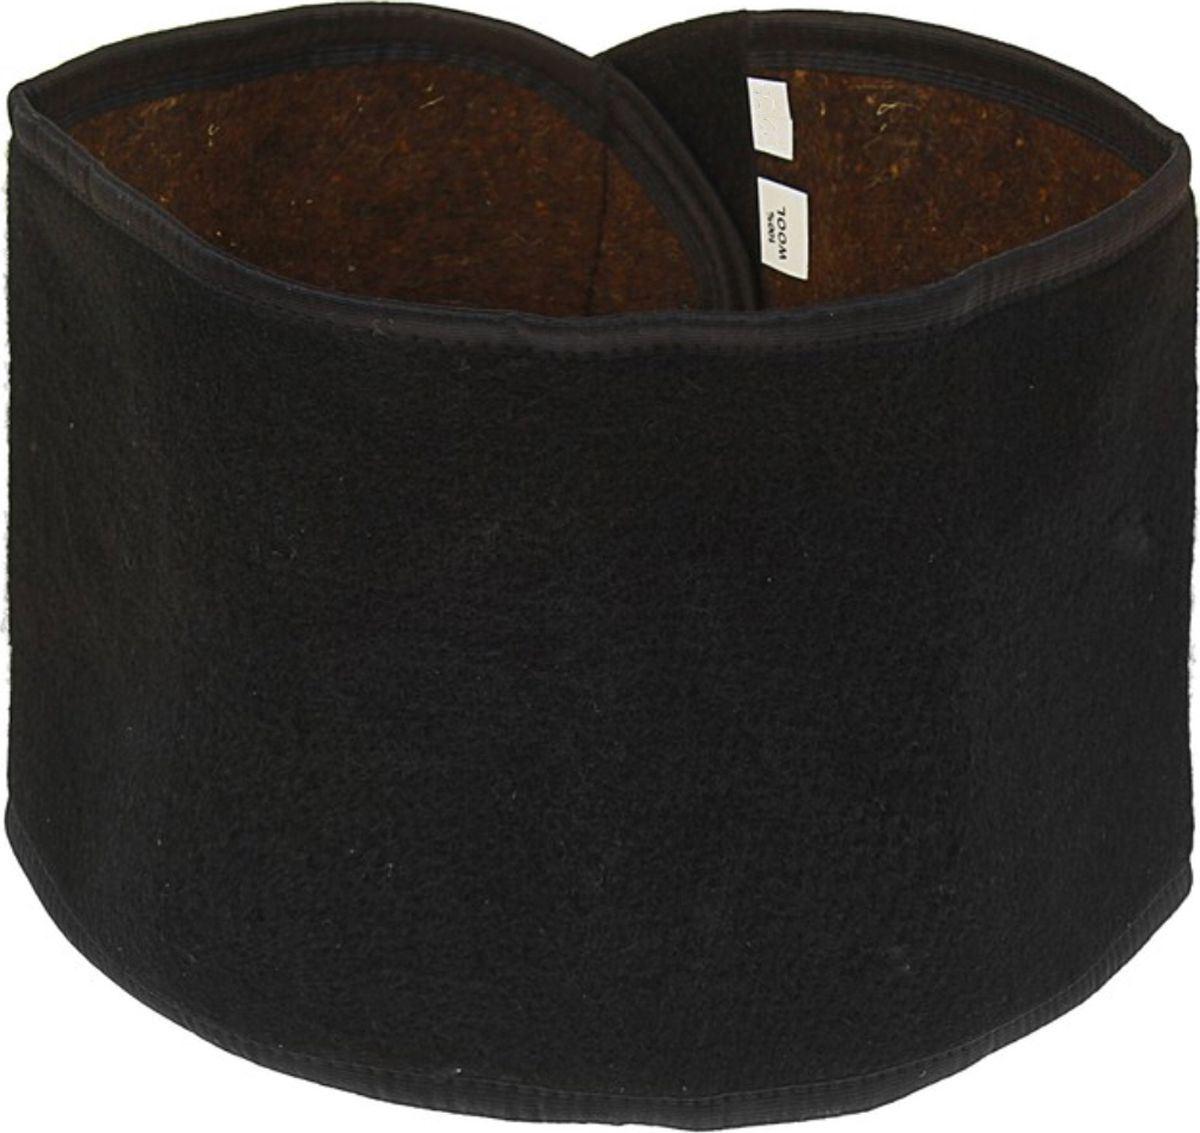 Купить Пояс из собачьей шерсти круг 52-56, Пояс из собачьей шерсти круг Azovmed 52-56